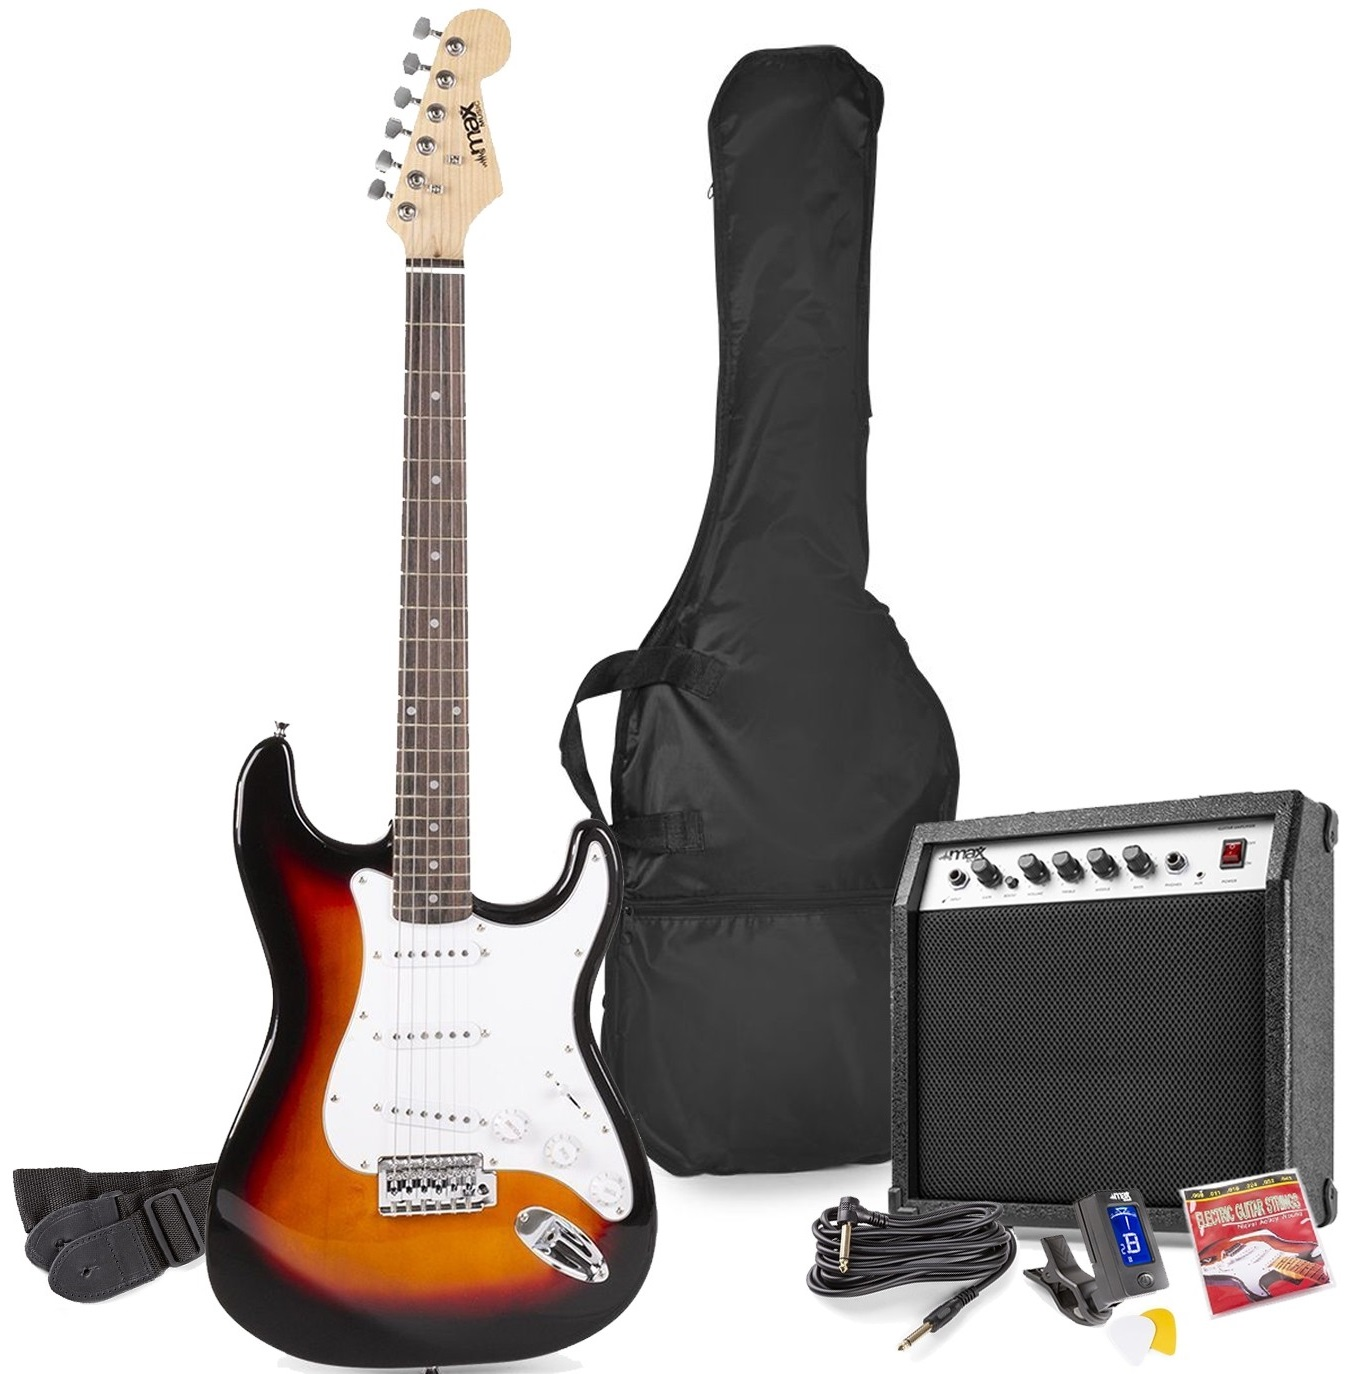 Pack GIGKIT Guitarra Eléctrica + Amplificador 6 40W (Castanho) - MAX